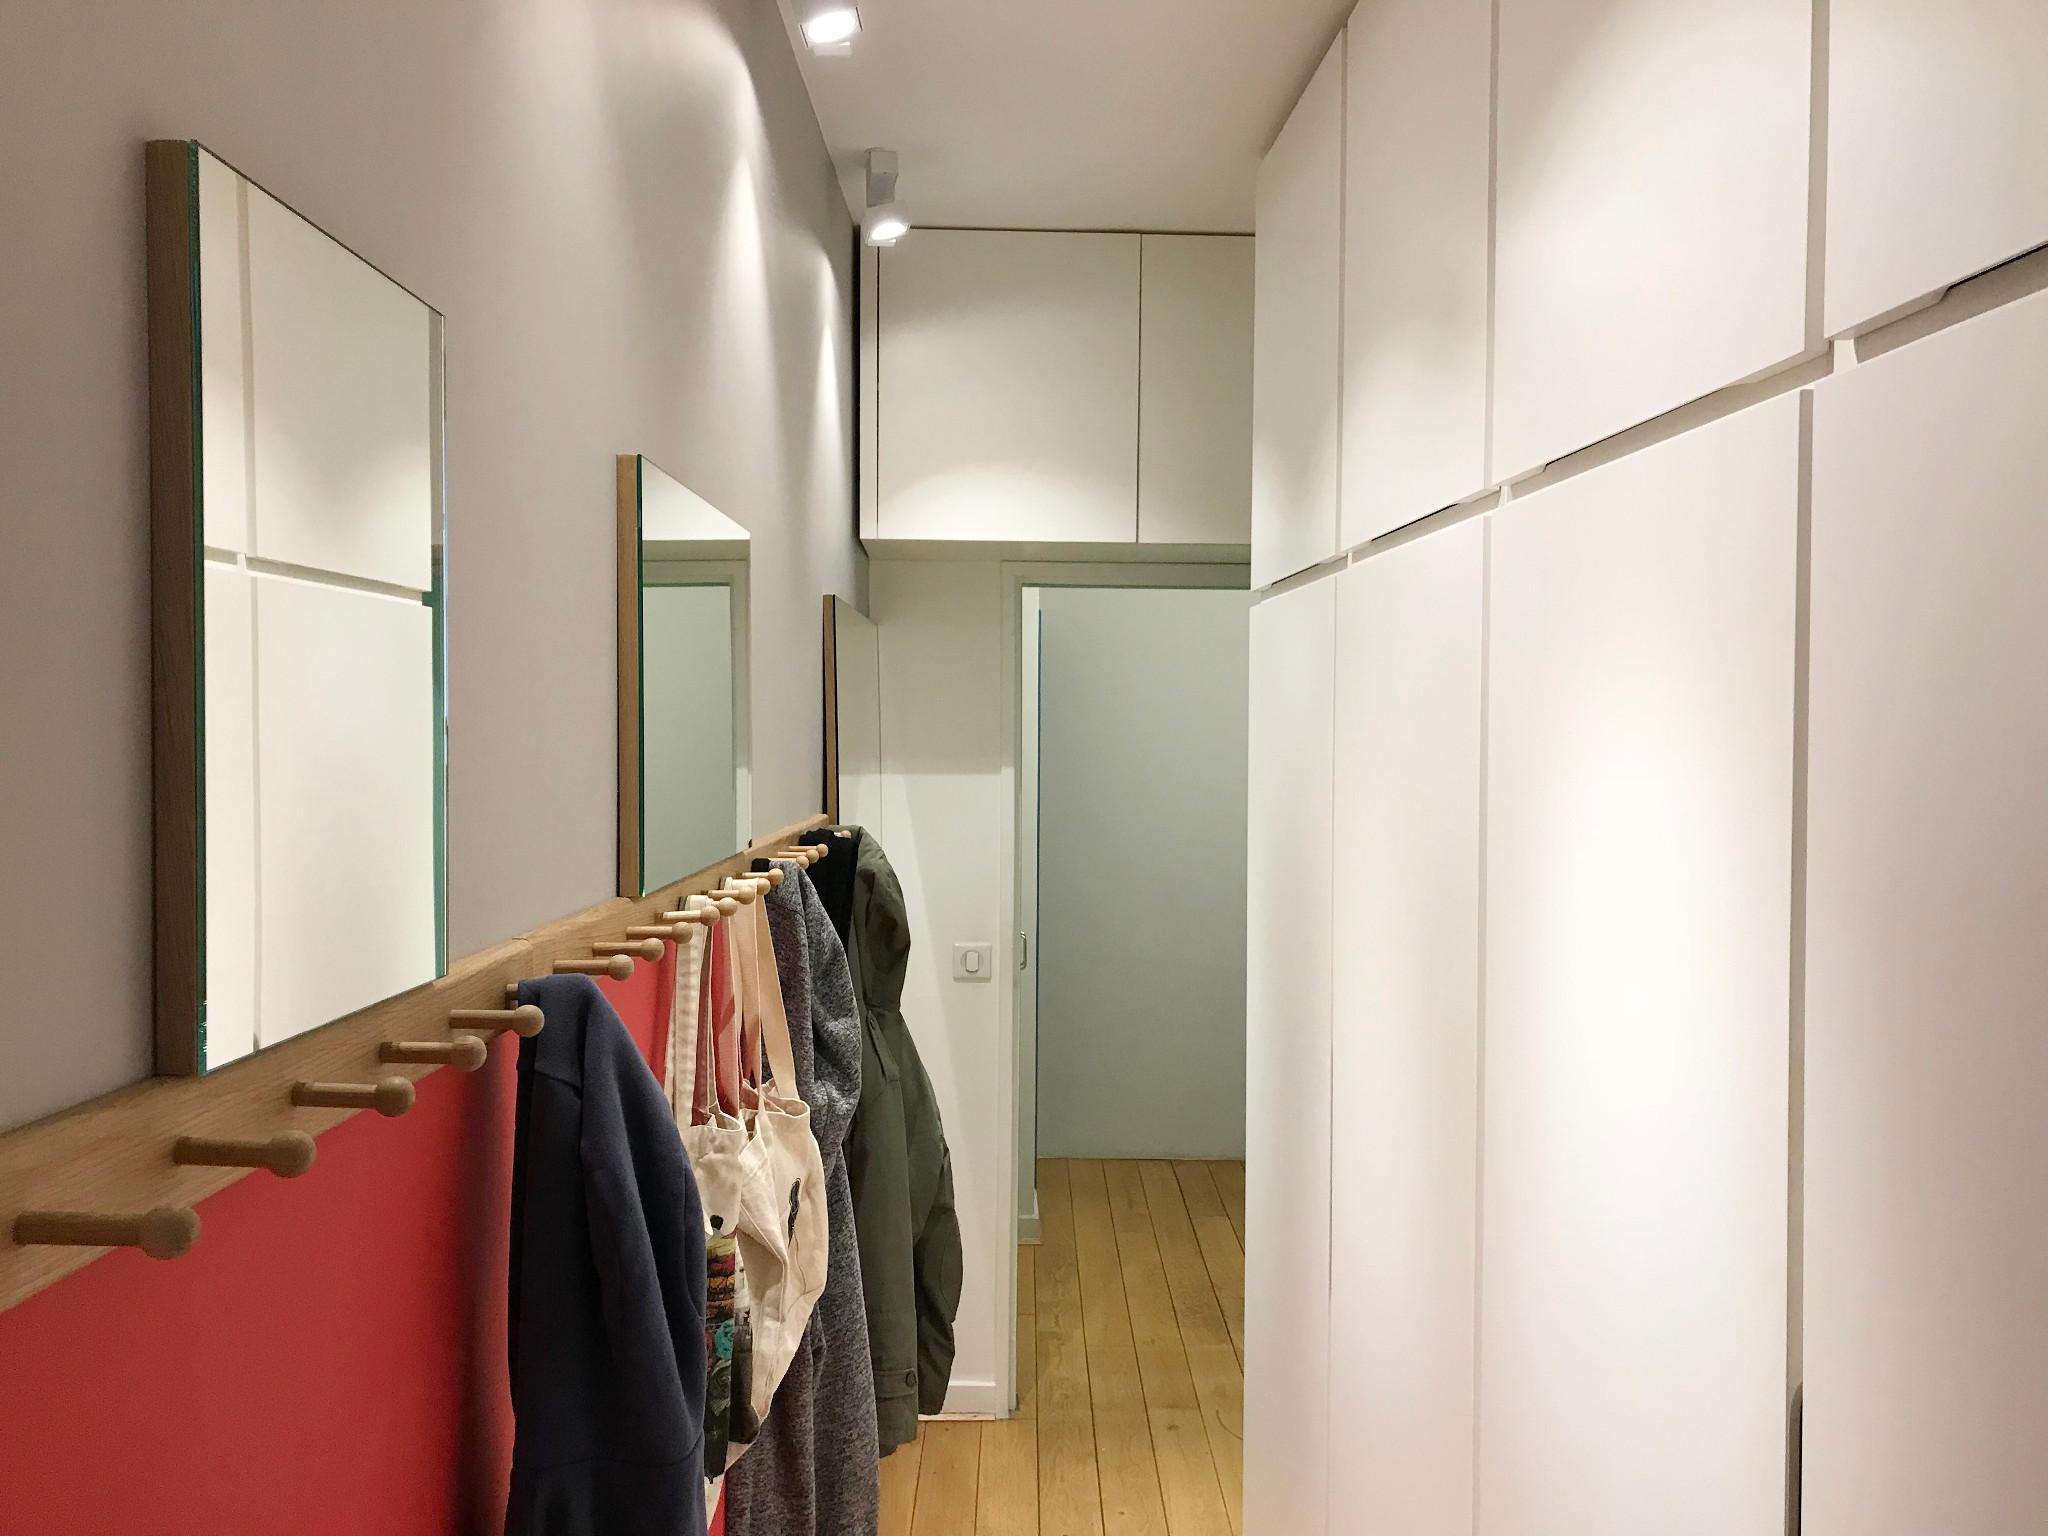 Nonjetable-Couloir-Miroirs-Porte-Manteaux-et-Dressings-sur-Mesure